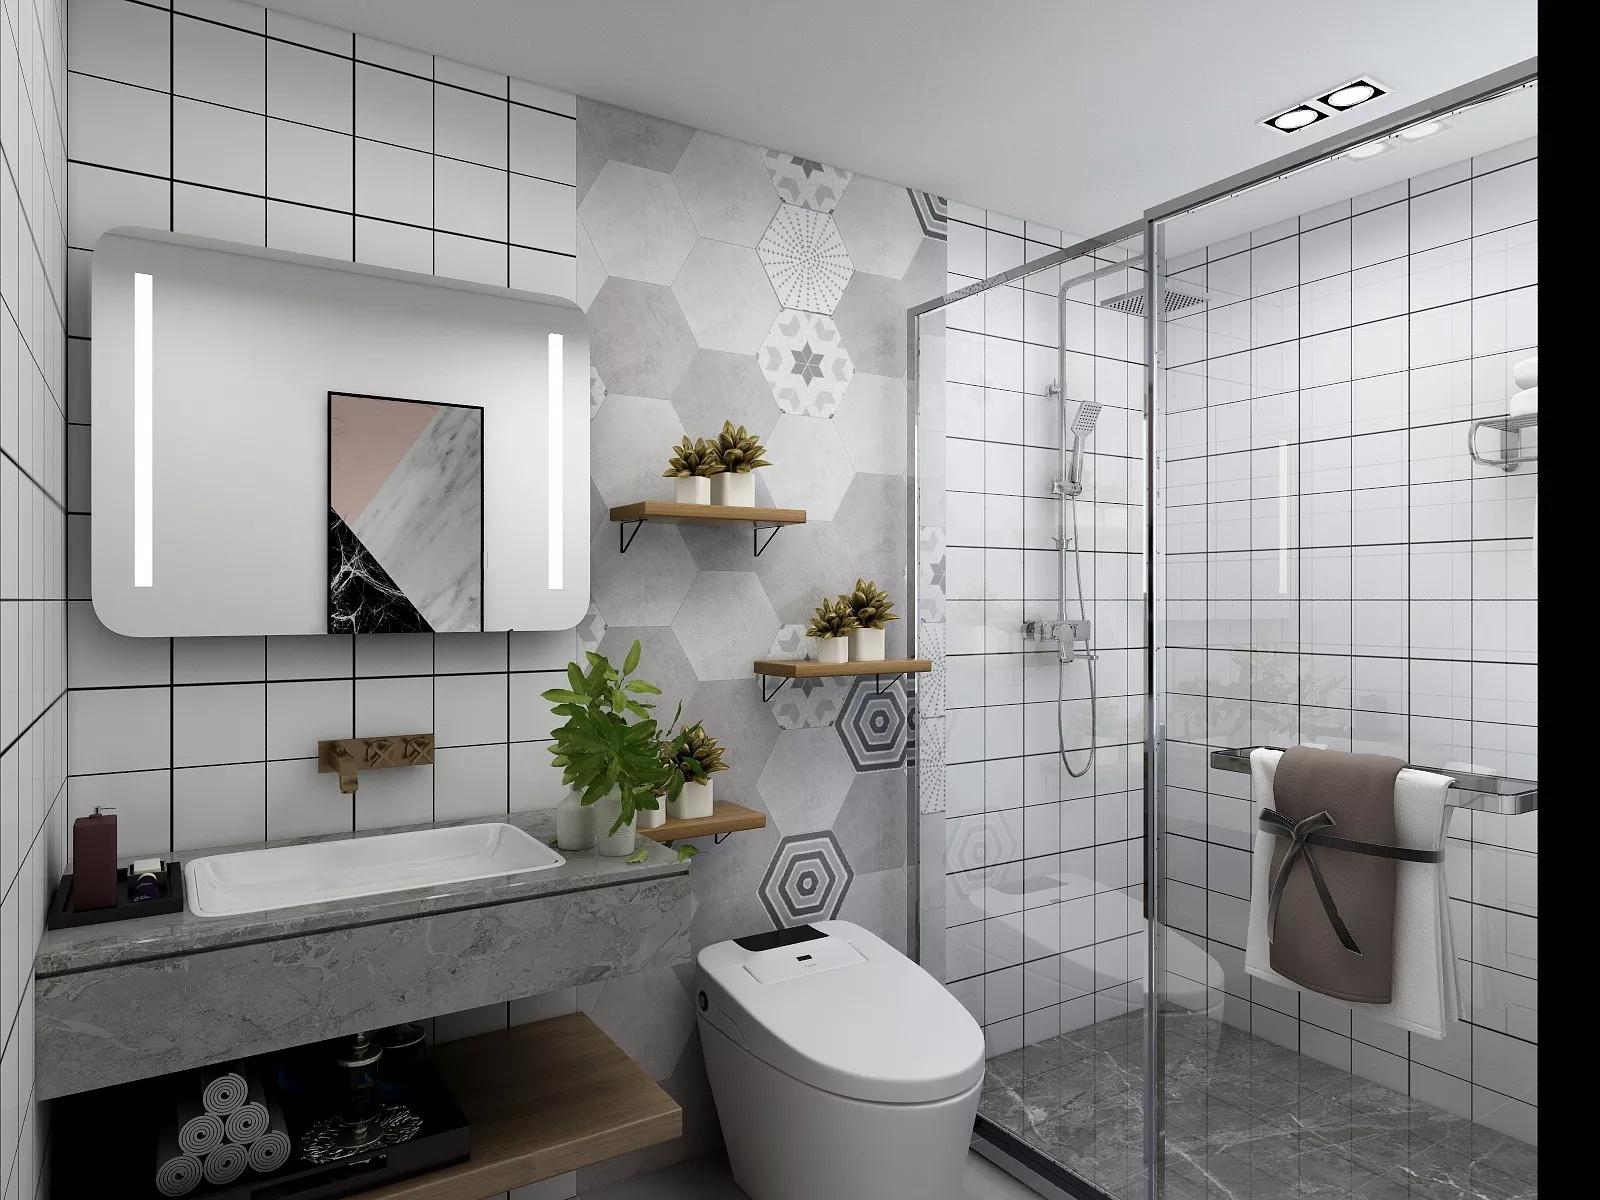 卫生间墙面发霉怎么办  卫生间墙面如何保养